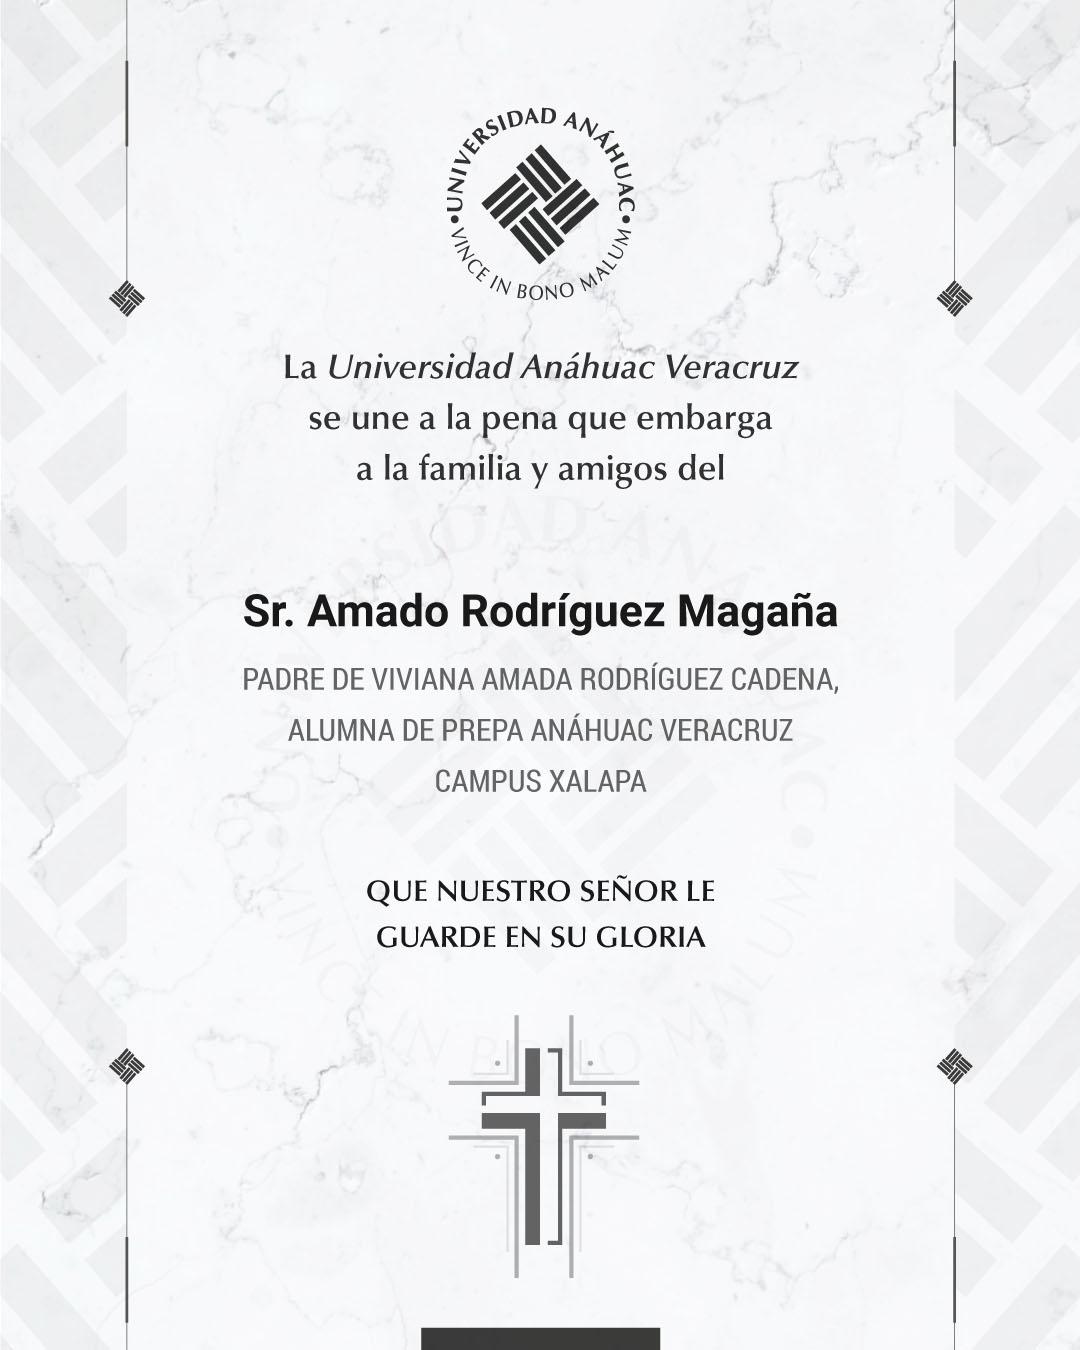 Sr. Amado Rodríguez Magaña